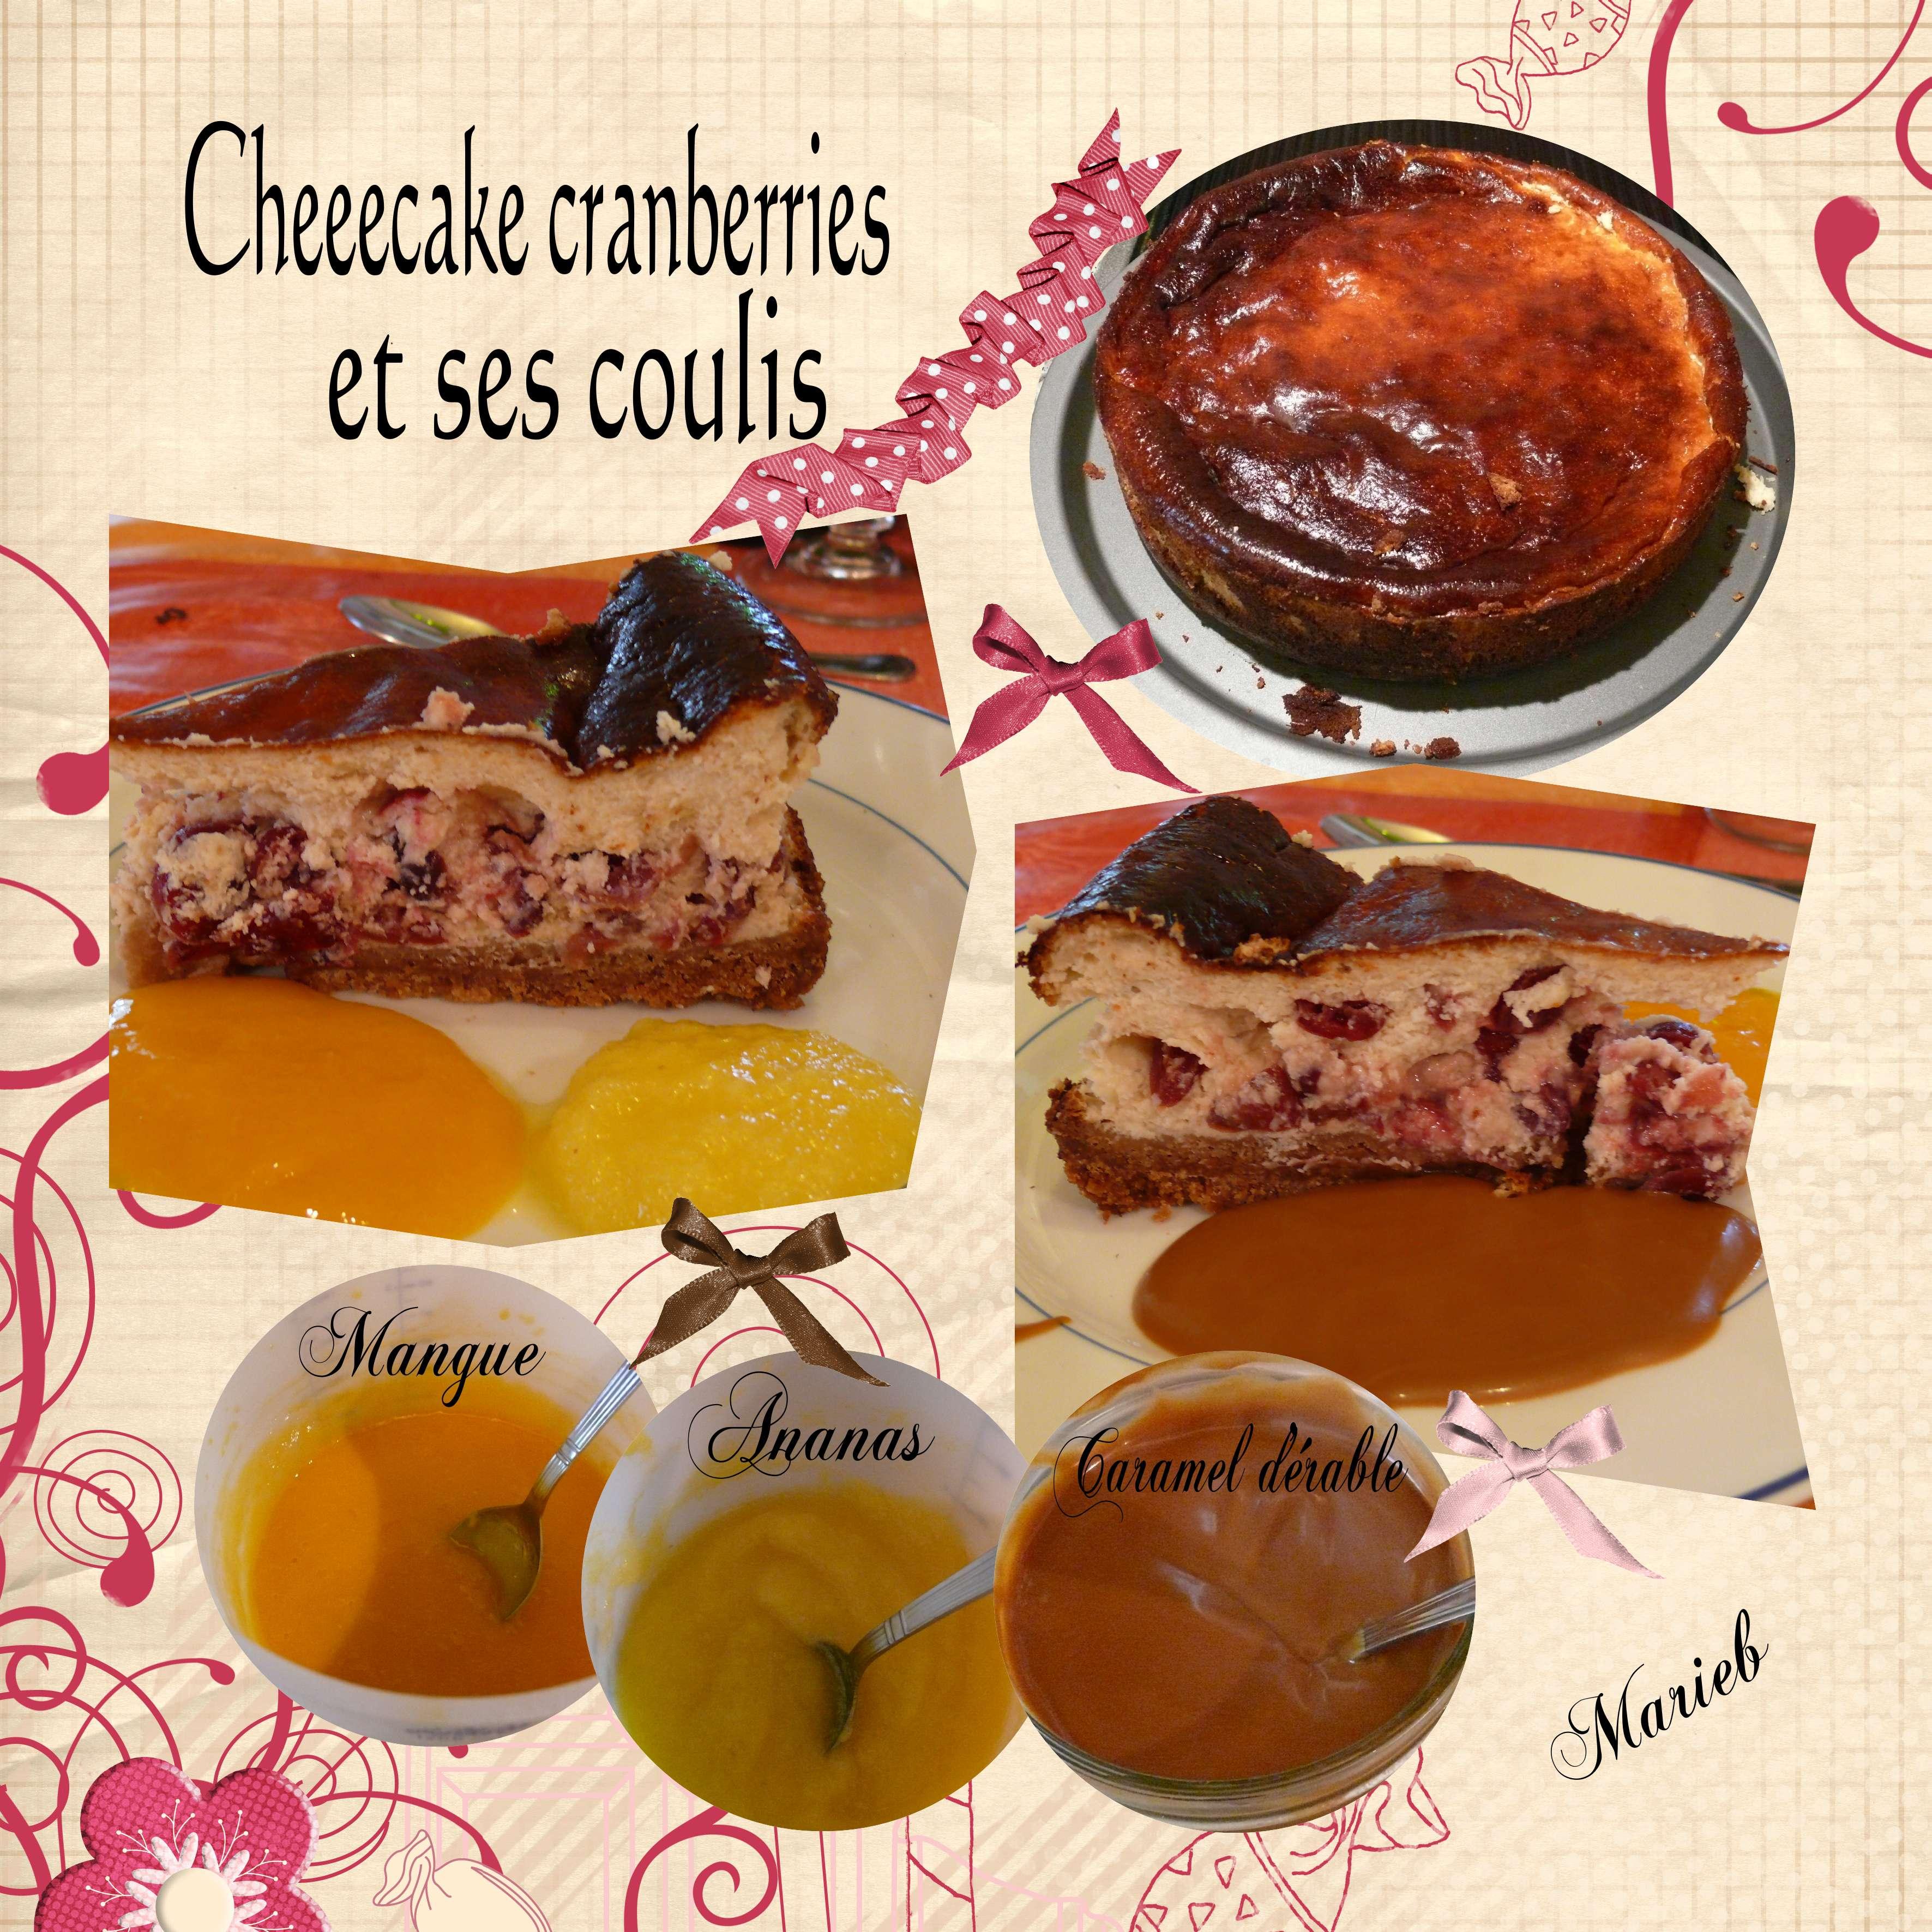 cheesecakecranberries.jpg